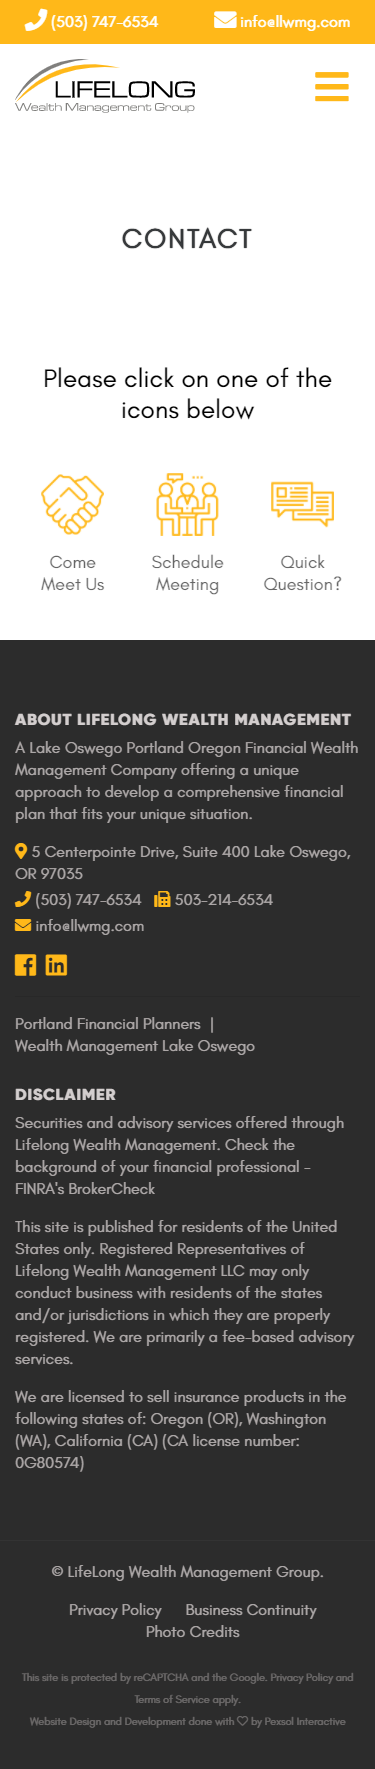 Lifelong Wealth Management Group Website Mobile Mockup 3